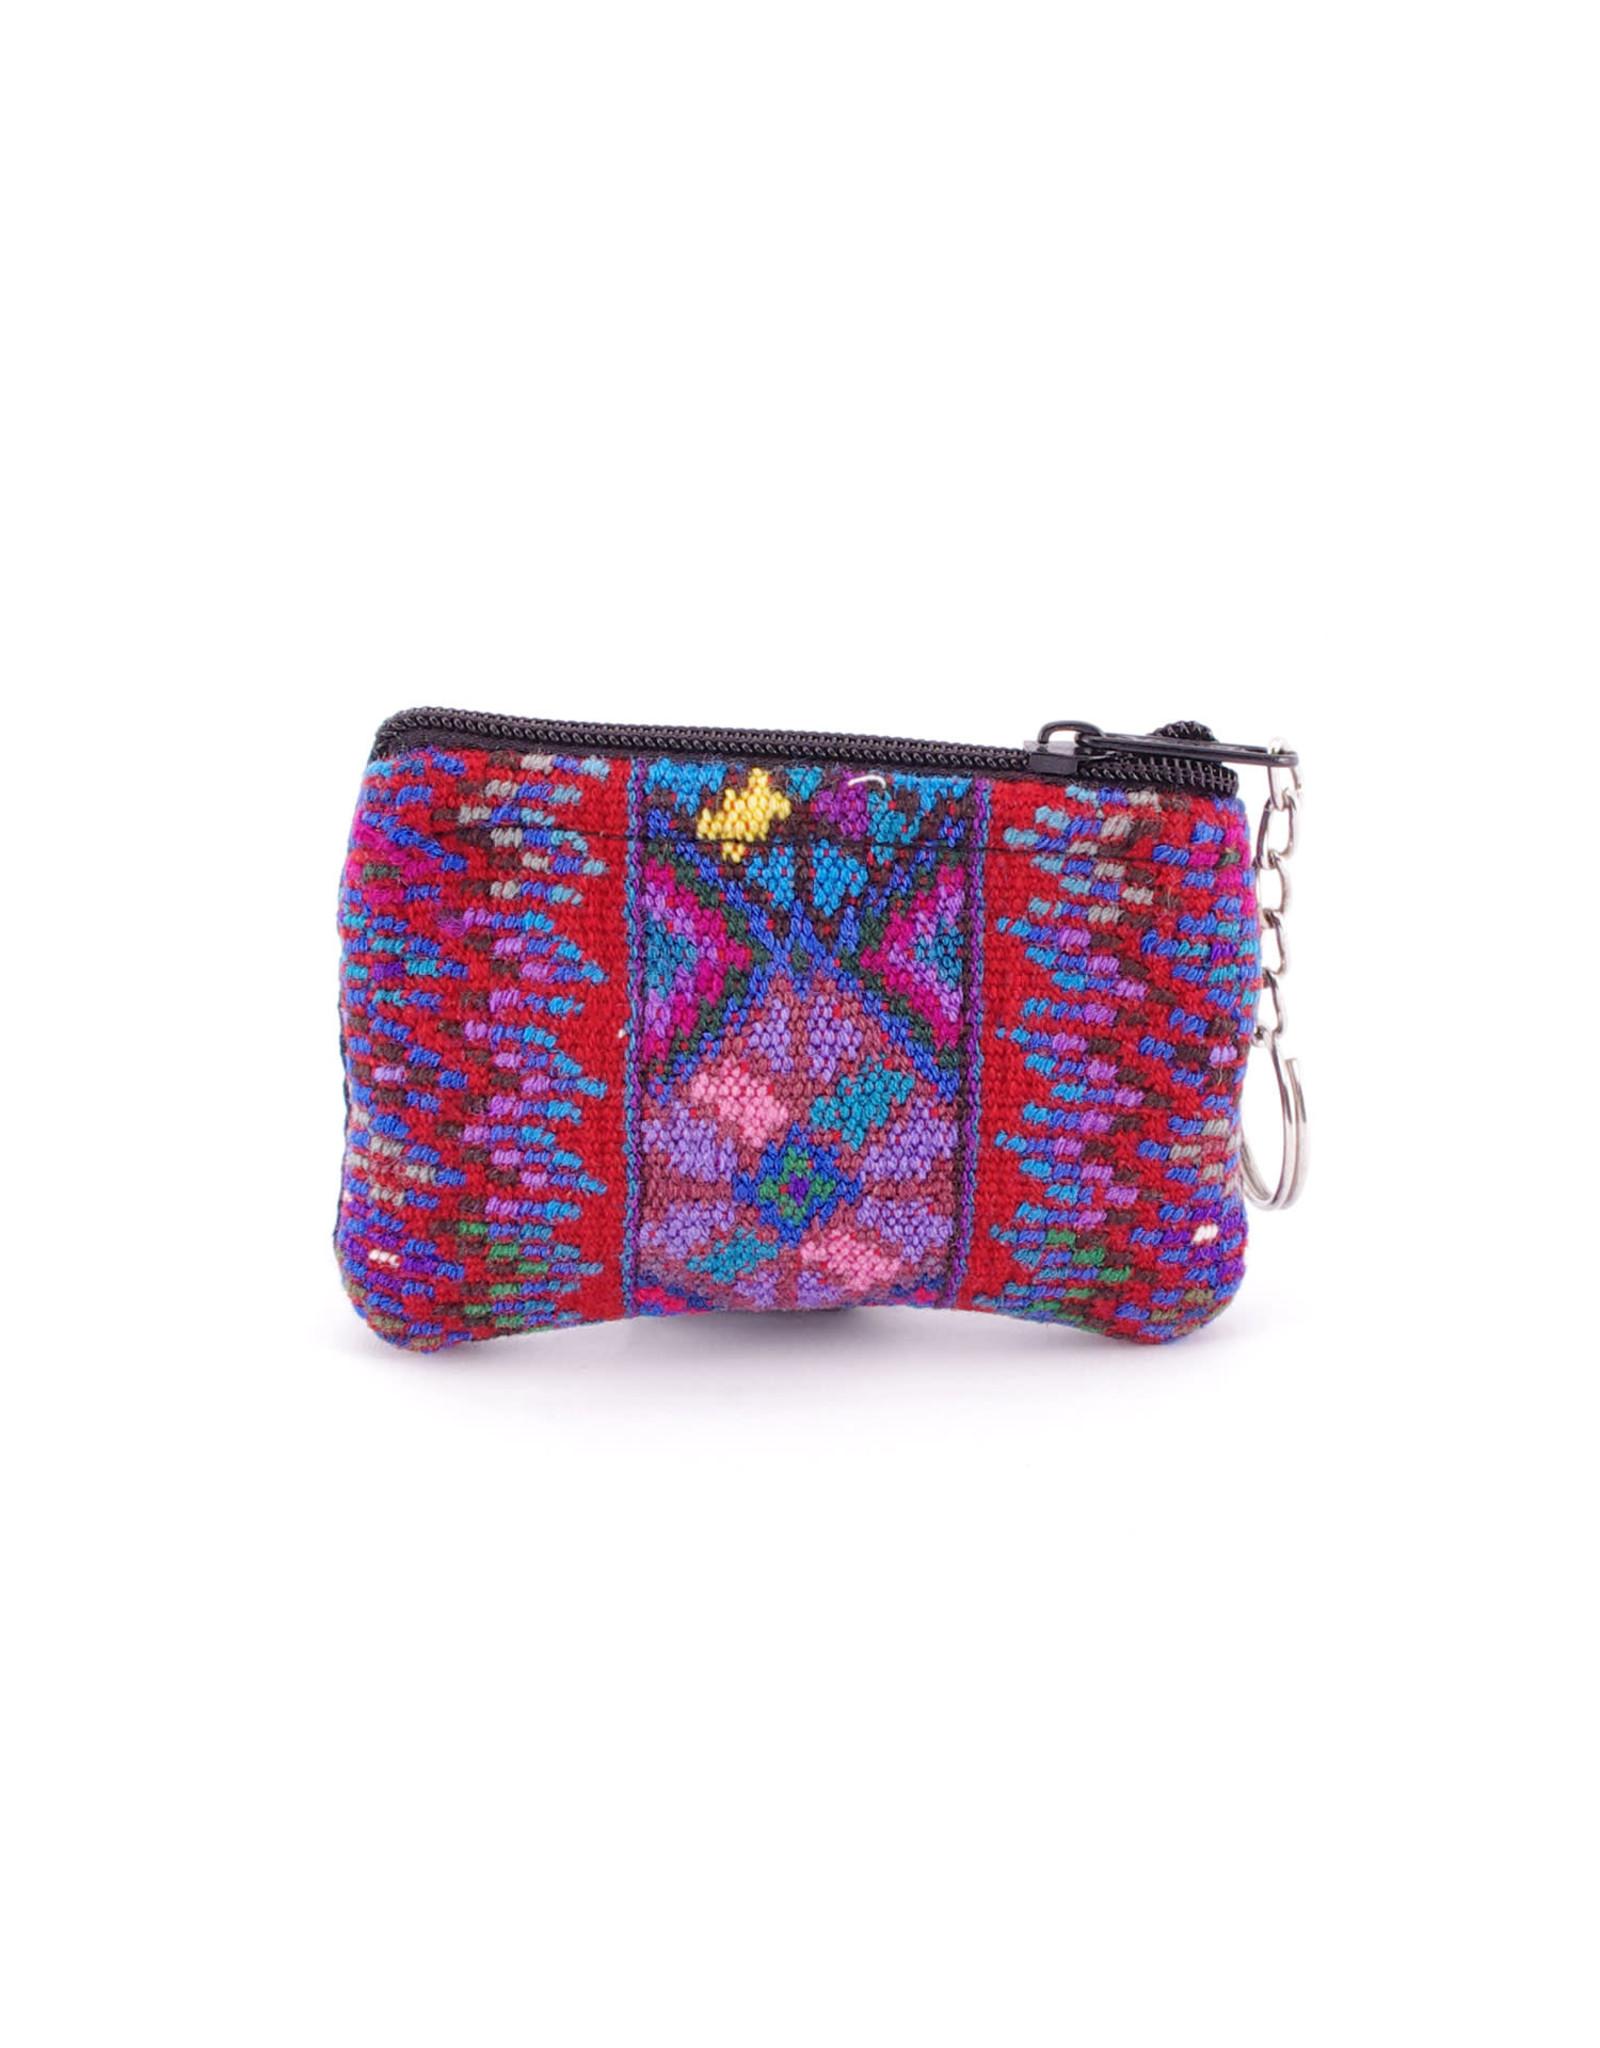 Lucia's Imports Huipile Keychain, assorted, Guatemala